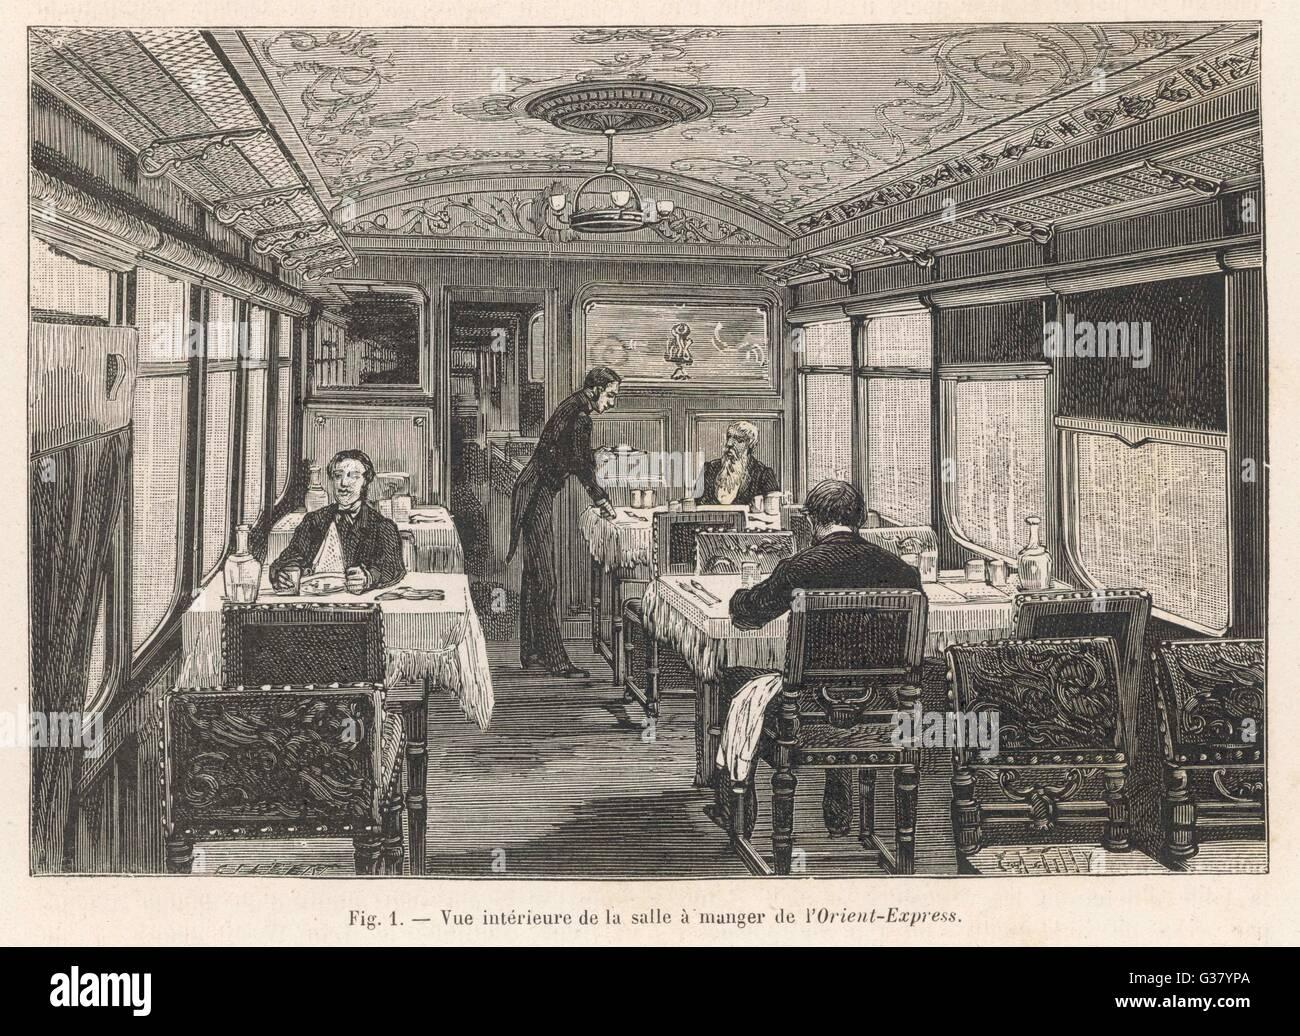 Dining Car Orient Express Stock Photos Dining Car Orient Express